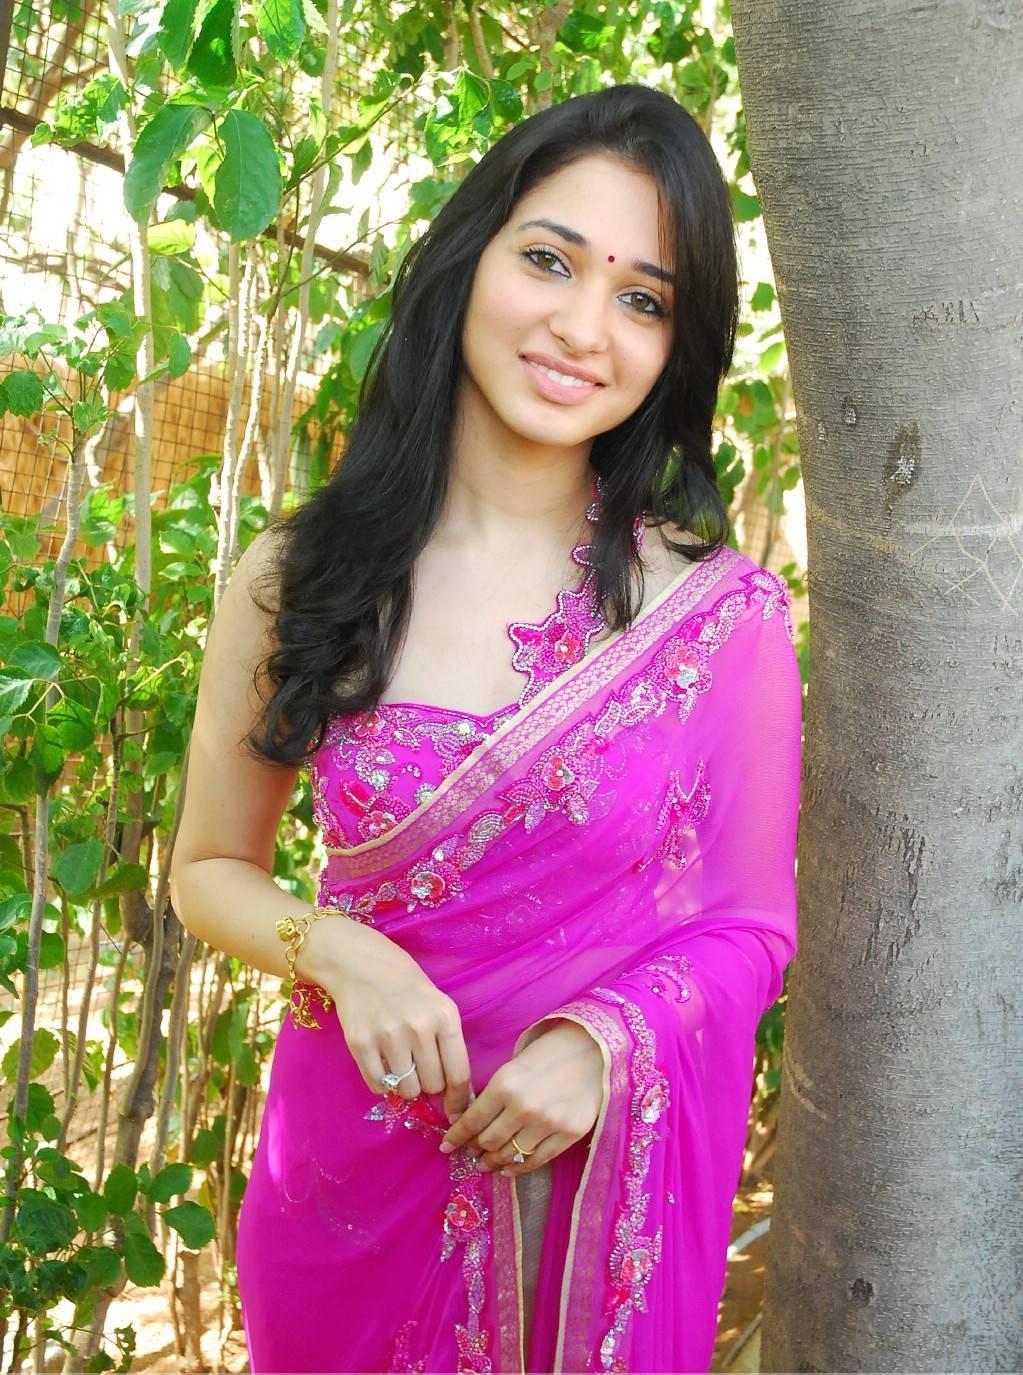 cute actress tamanna in pink designer saree | glamorous bollywood